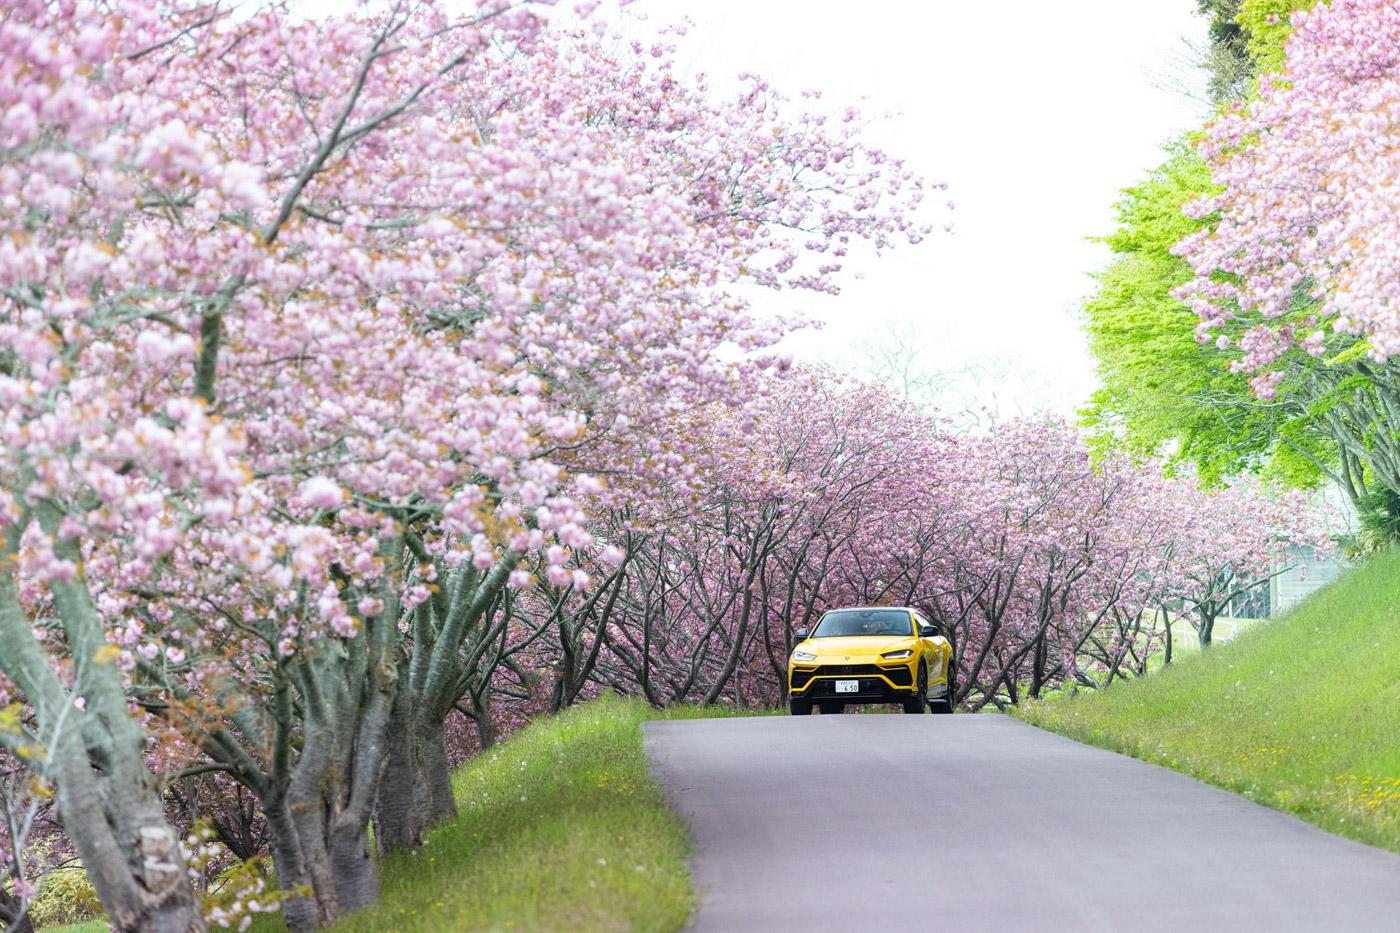 Bộ-đôi-Lamborghini-Urus-vượt-hơn-6.500-km-trong-hành-trình-xuyên-Nhật-Bản (41).jpg